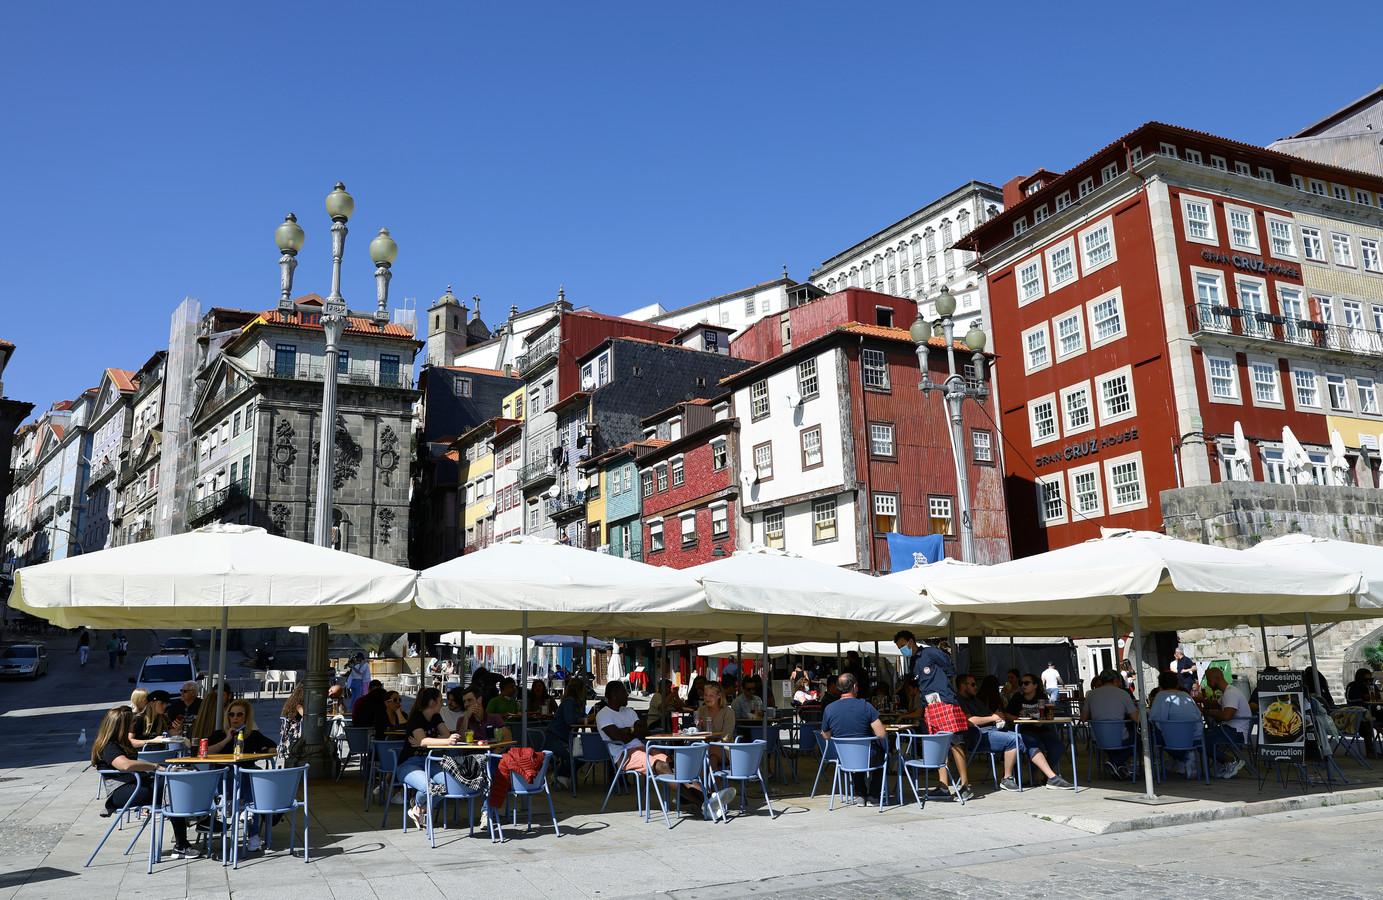 Volle terrassen in Porto.